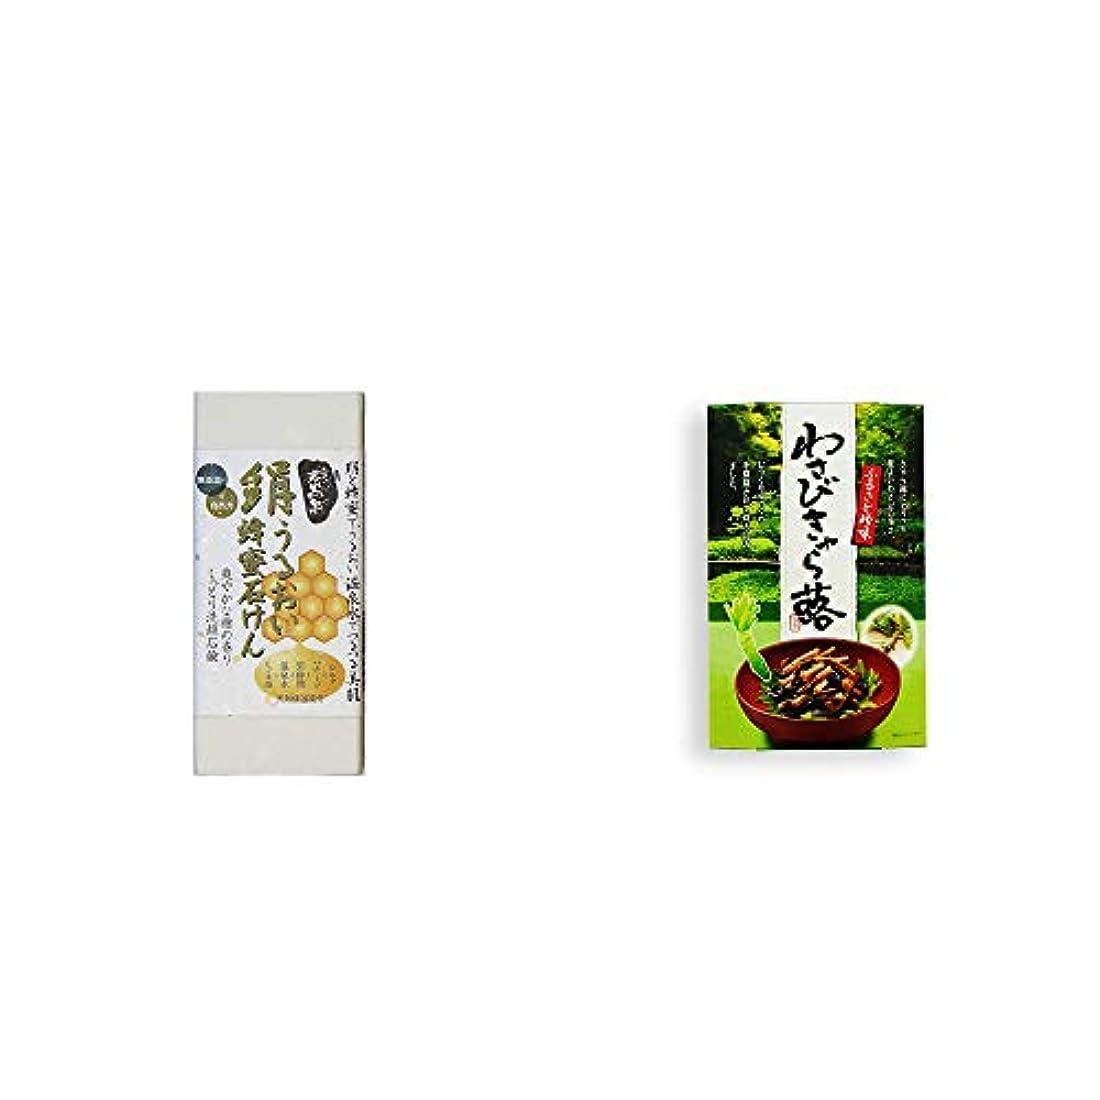 カップル青恥ずかしさ[2点セット] ひのき炭黒泉 絹うるおい蜂蜜石けん(75g×2)?わさびきゃら蕗(180g)